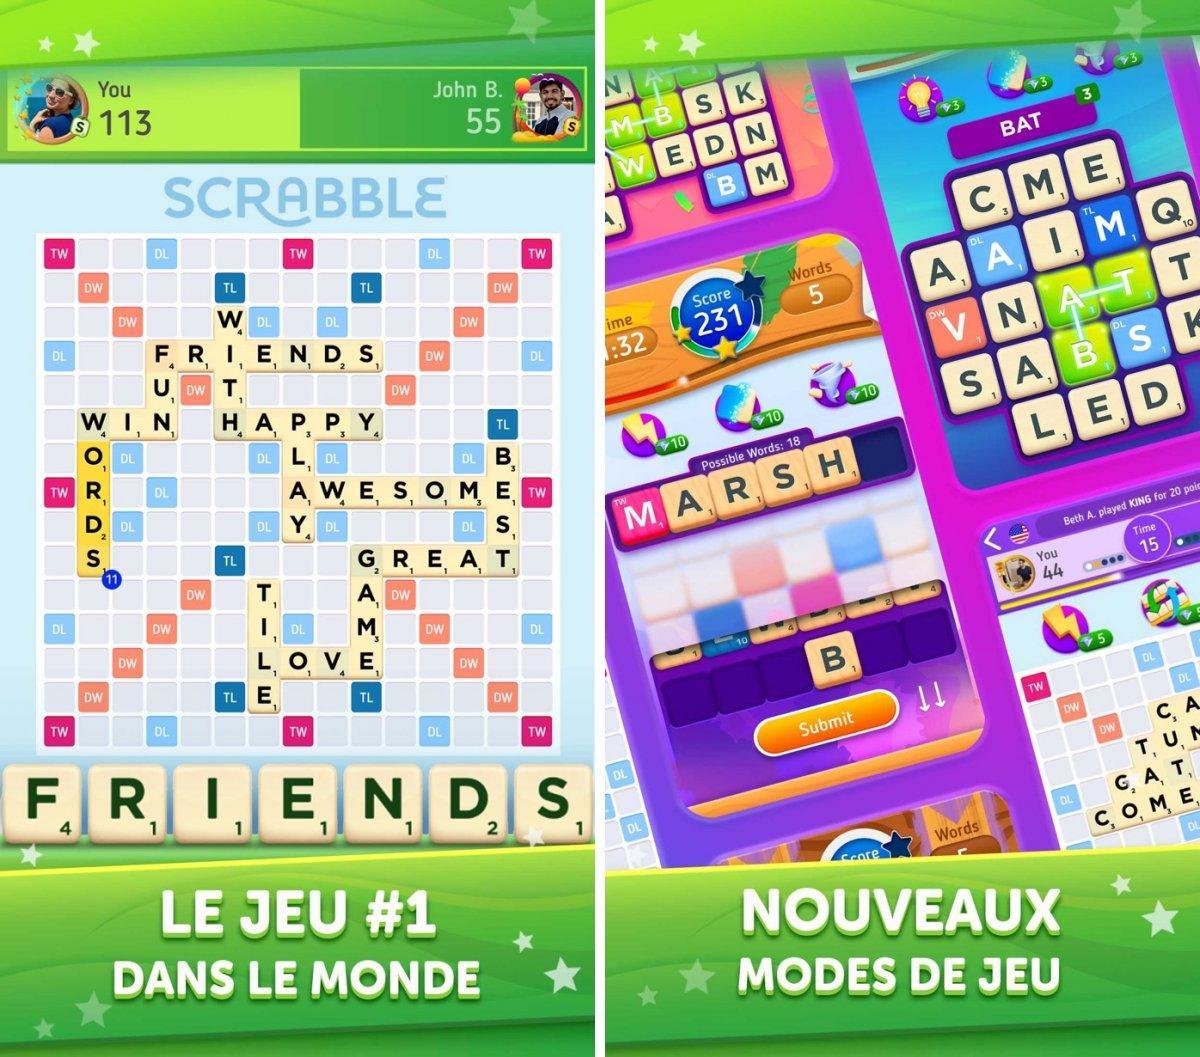 Scrabble Gratuit - Scrabble Imprimable Gratuit L | Lettres intérieur Jeux Anagramme Gratuit A Telecharger